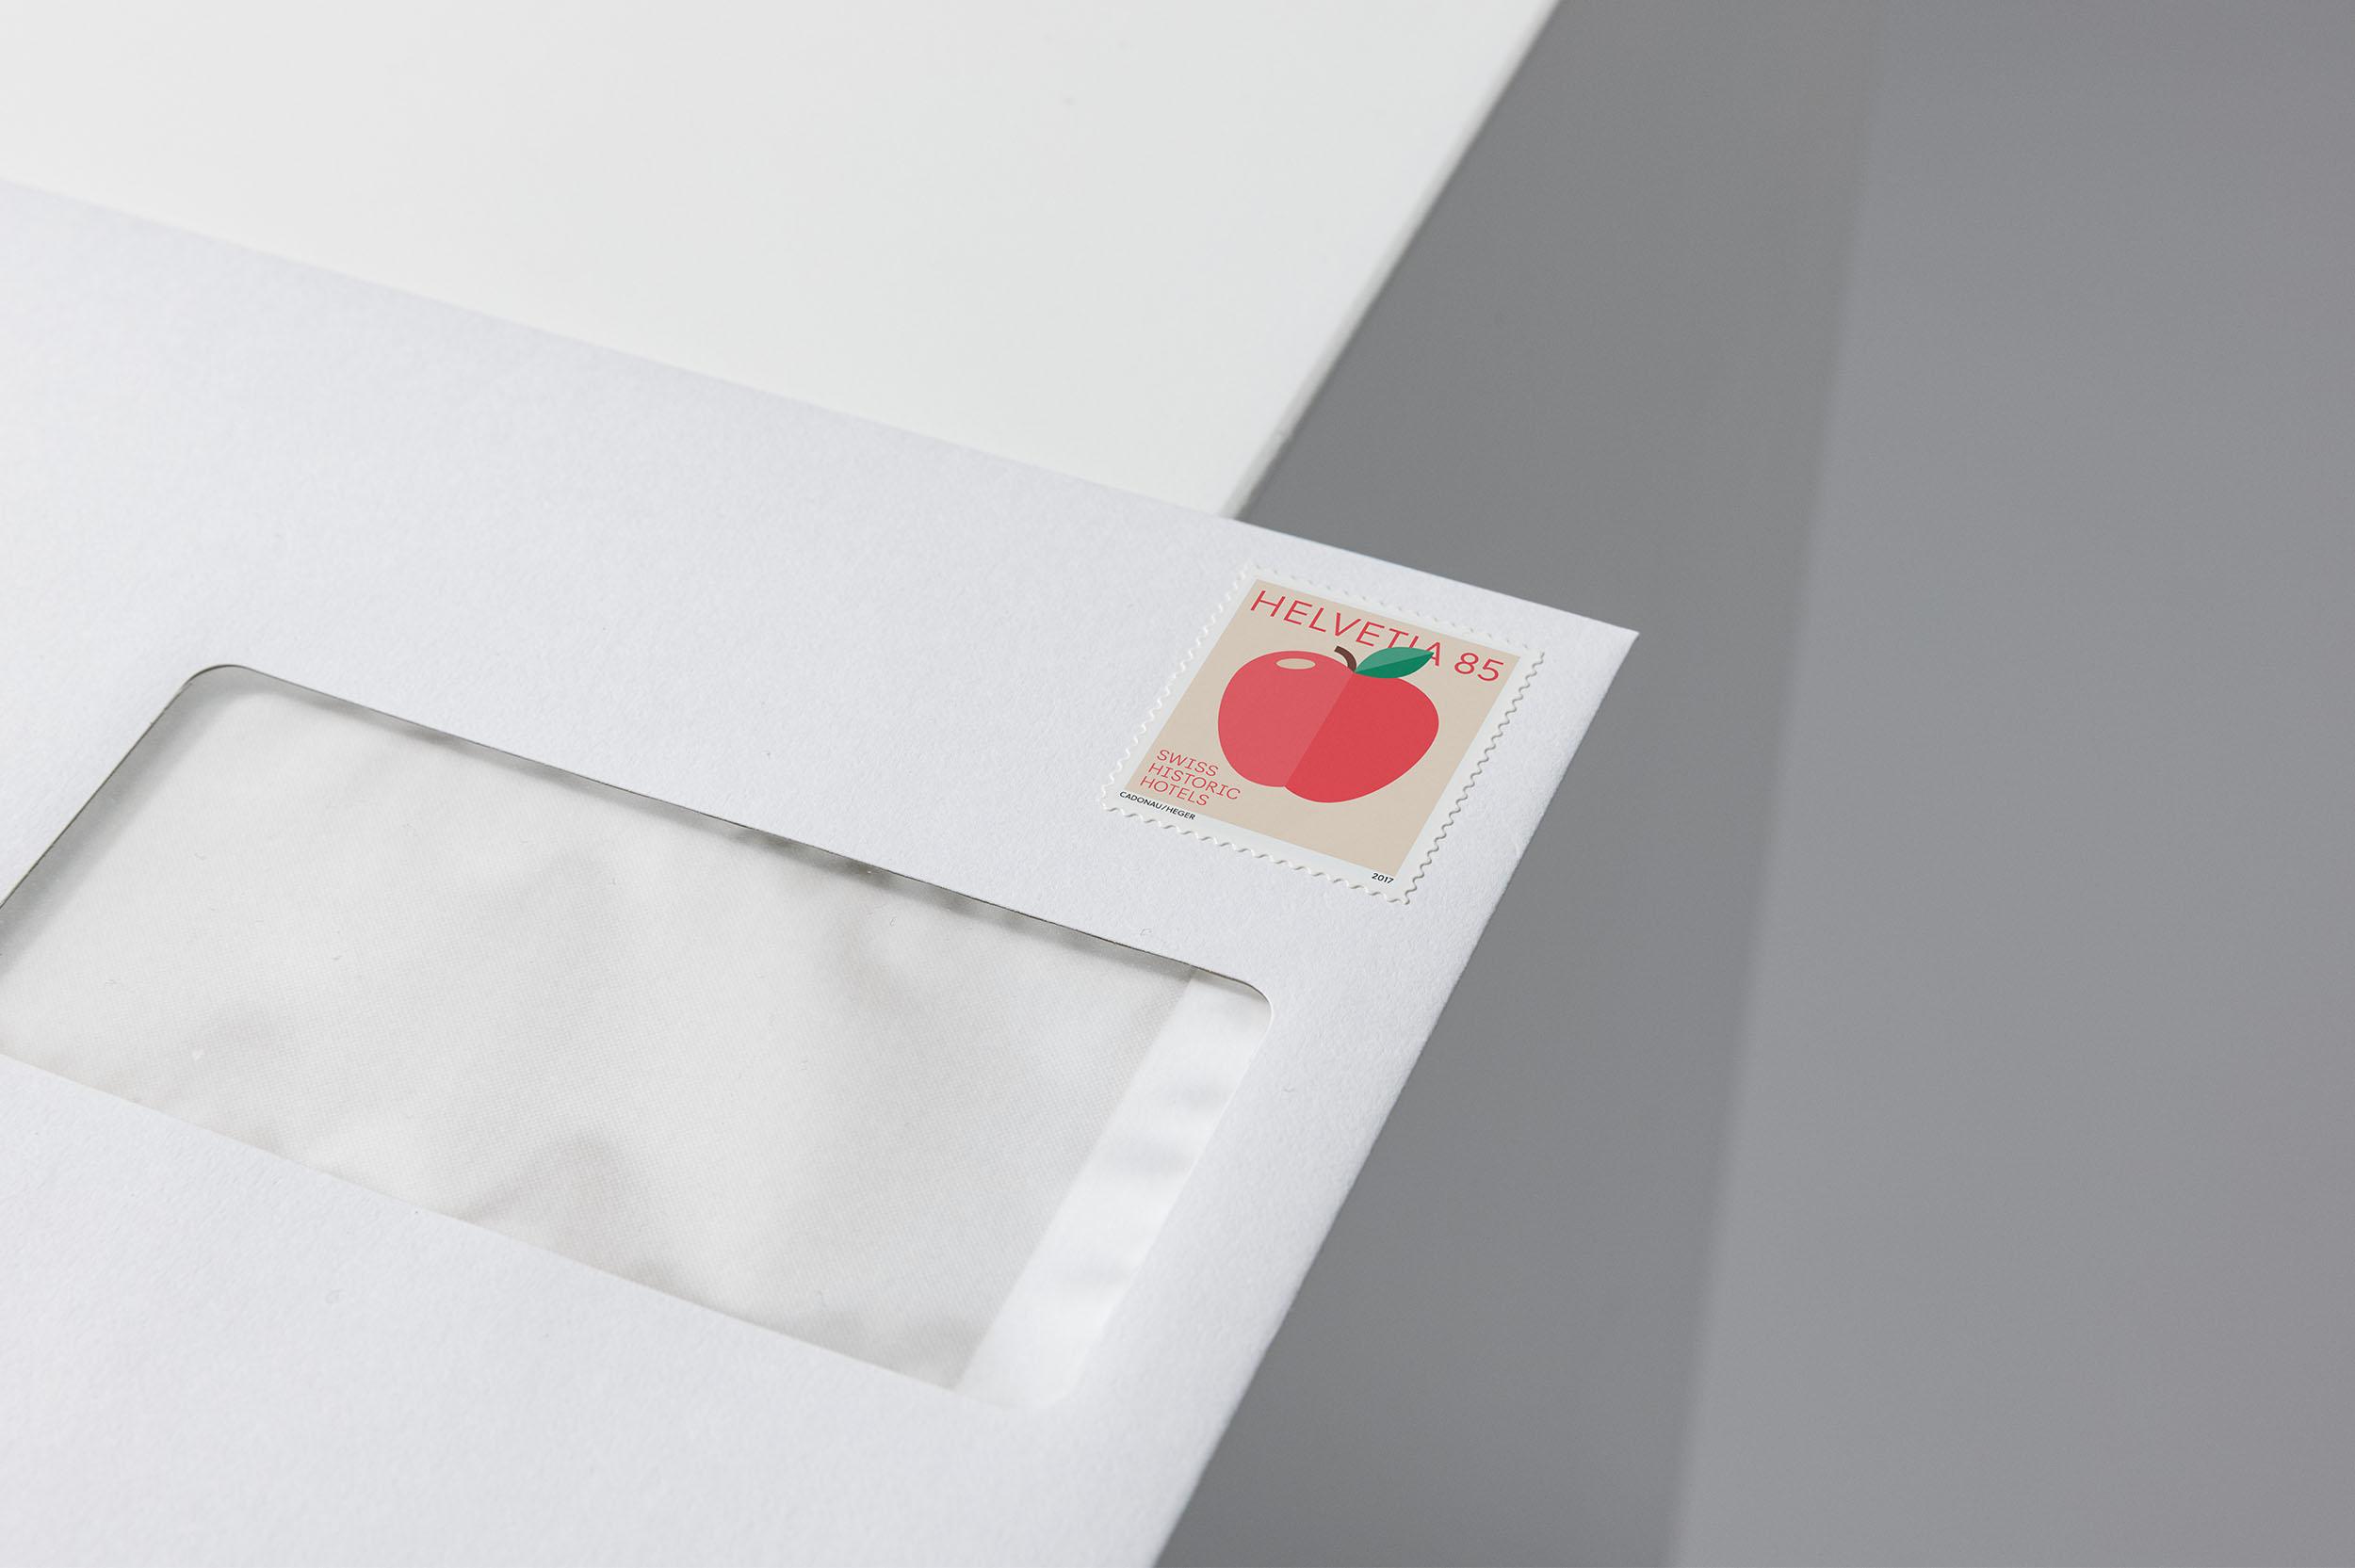 Briefmarke mit Sujet eines roten Apfels, klebend auf Kuvert C5 für Swiss Historic Hotels